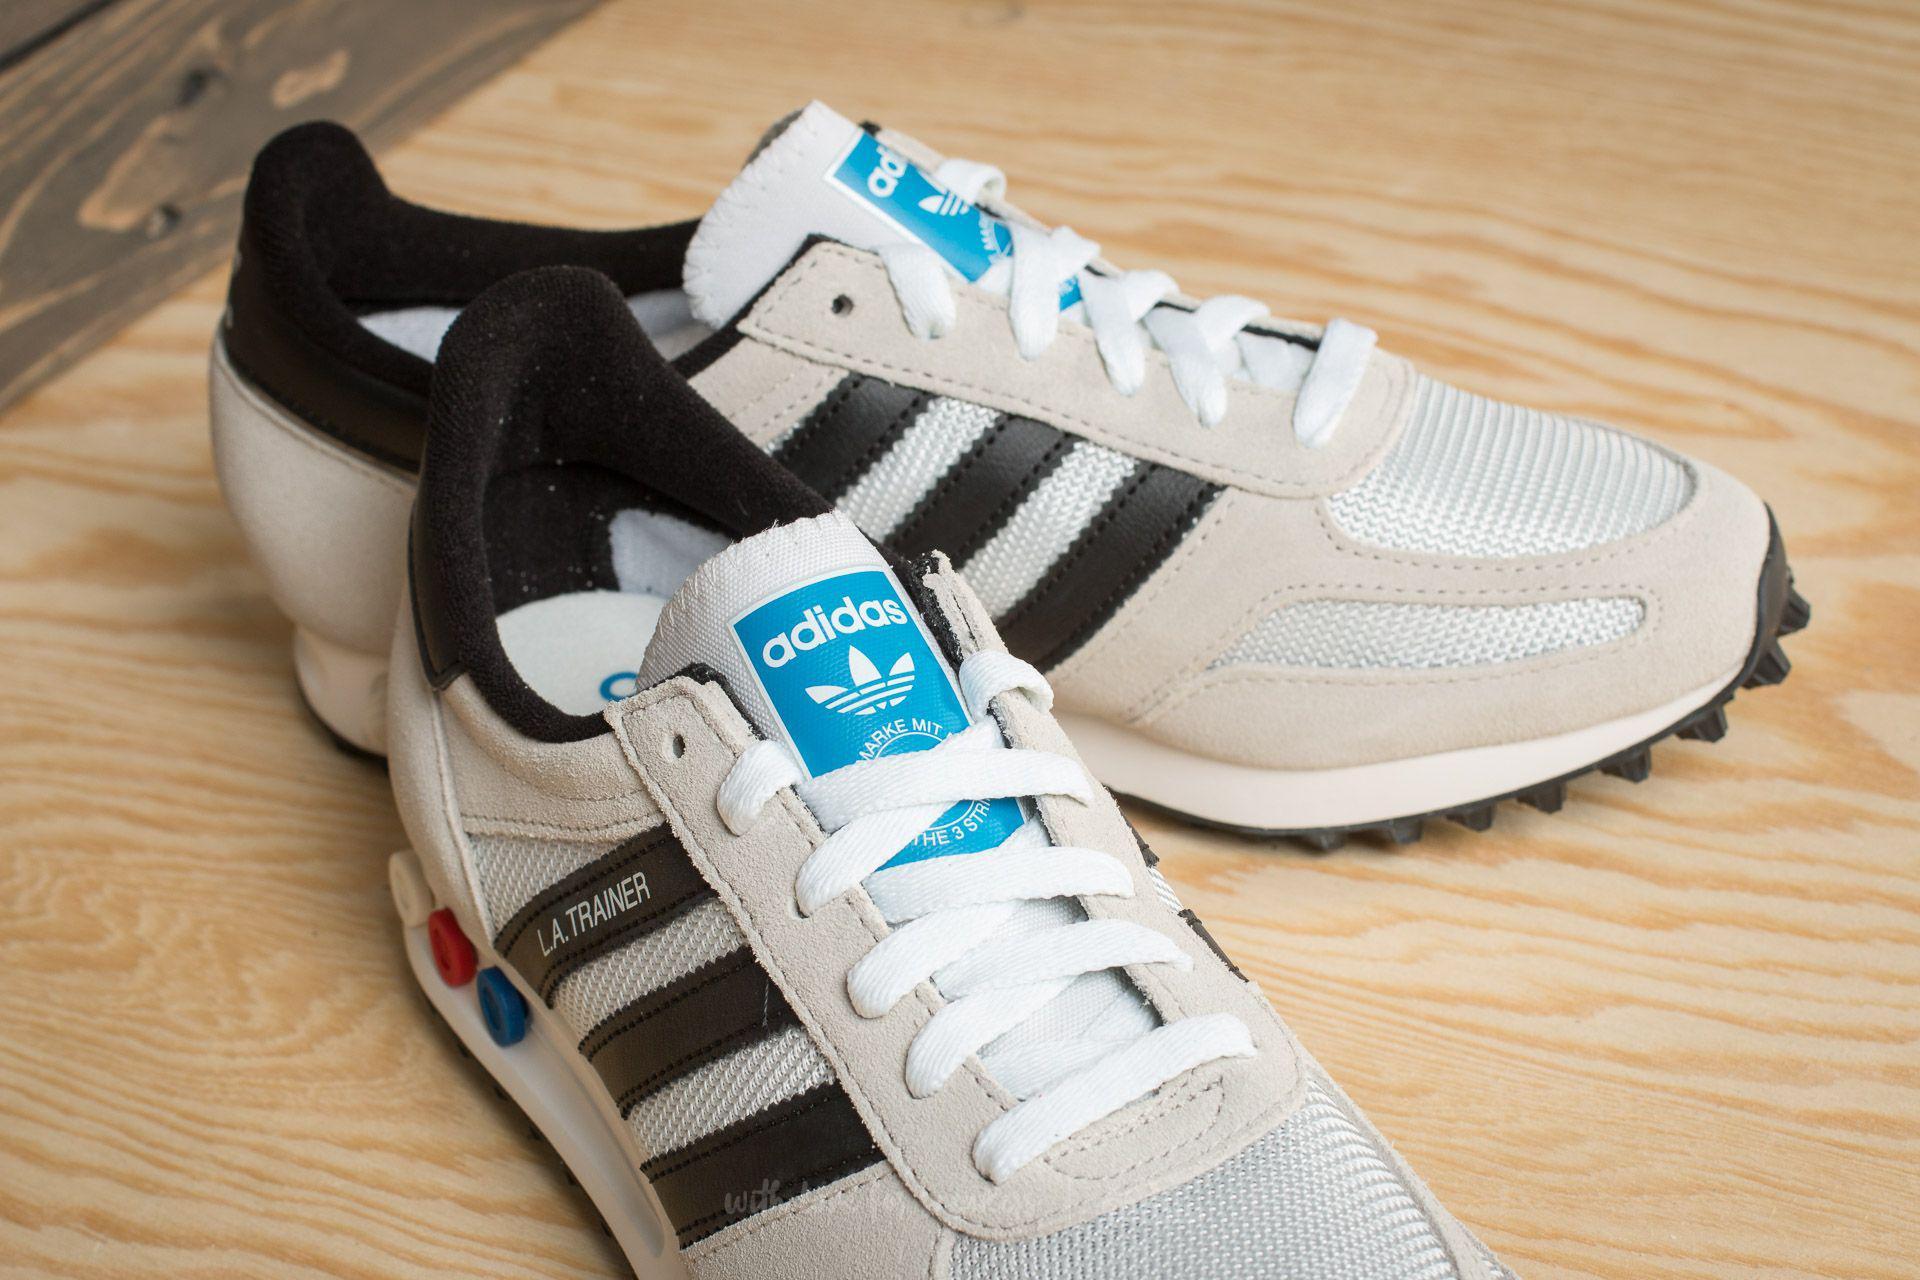 88a47cbb85de68 Lyst - adidas Originals Adidas La Trainer Og Vintage White  Core ...